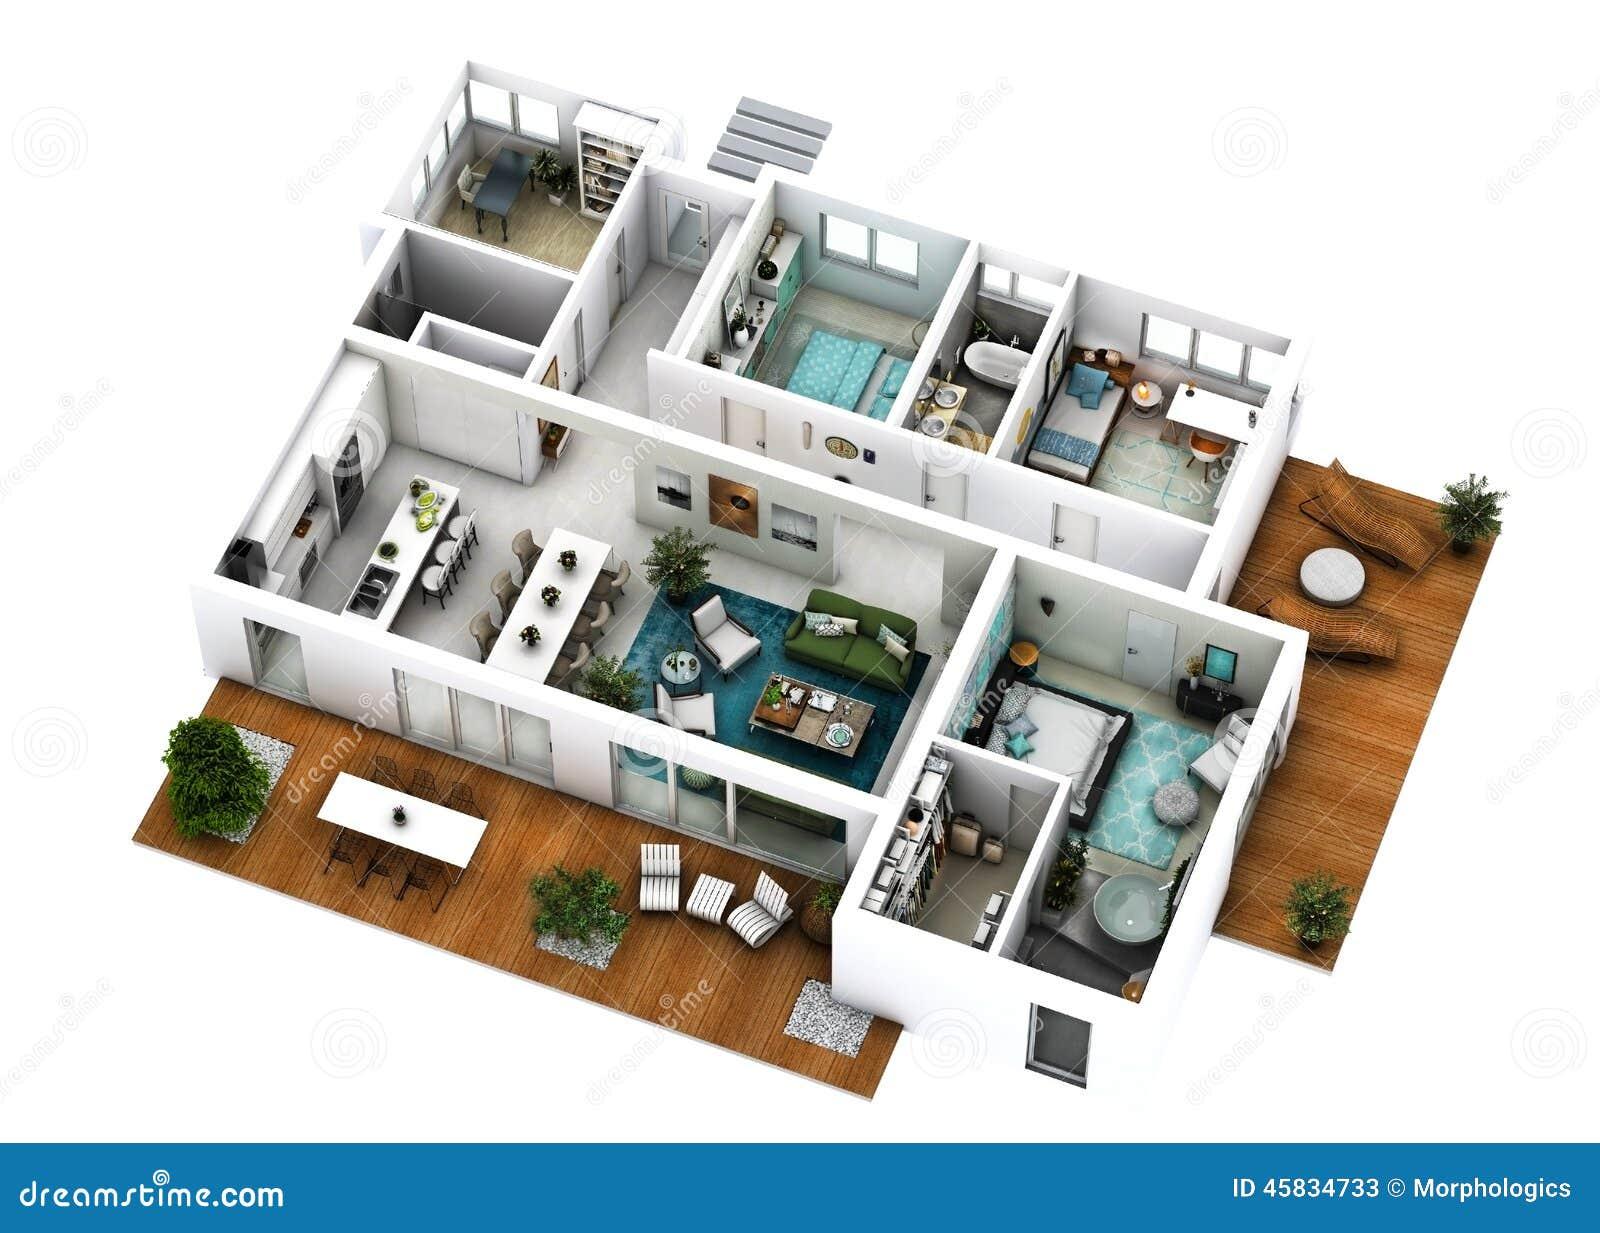 Programma casa 3d casa jc il progetto della bellissima residenza moderna a forma di trapezio - Programma per progettare casa 3d ...